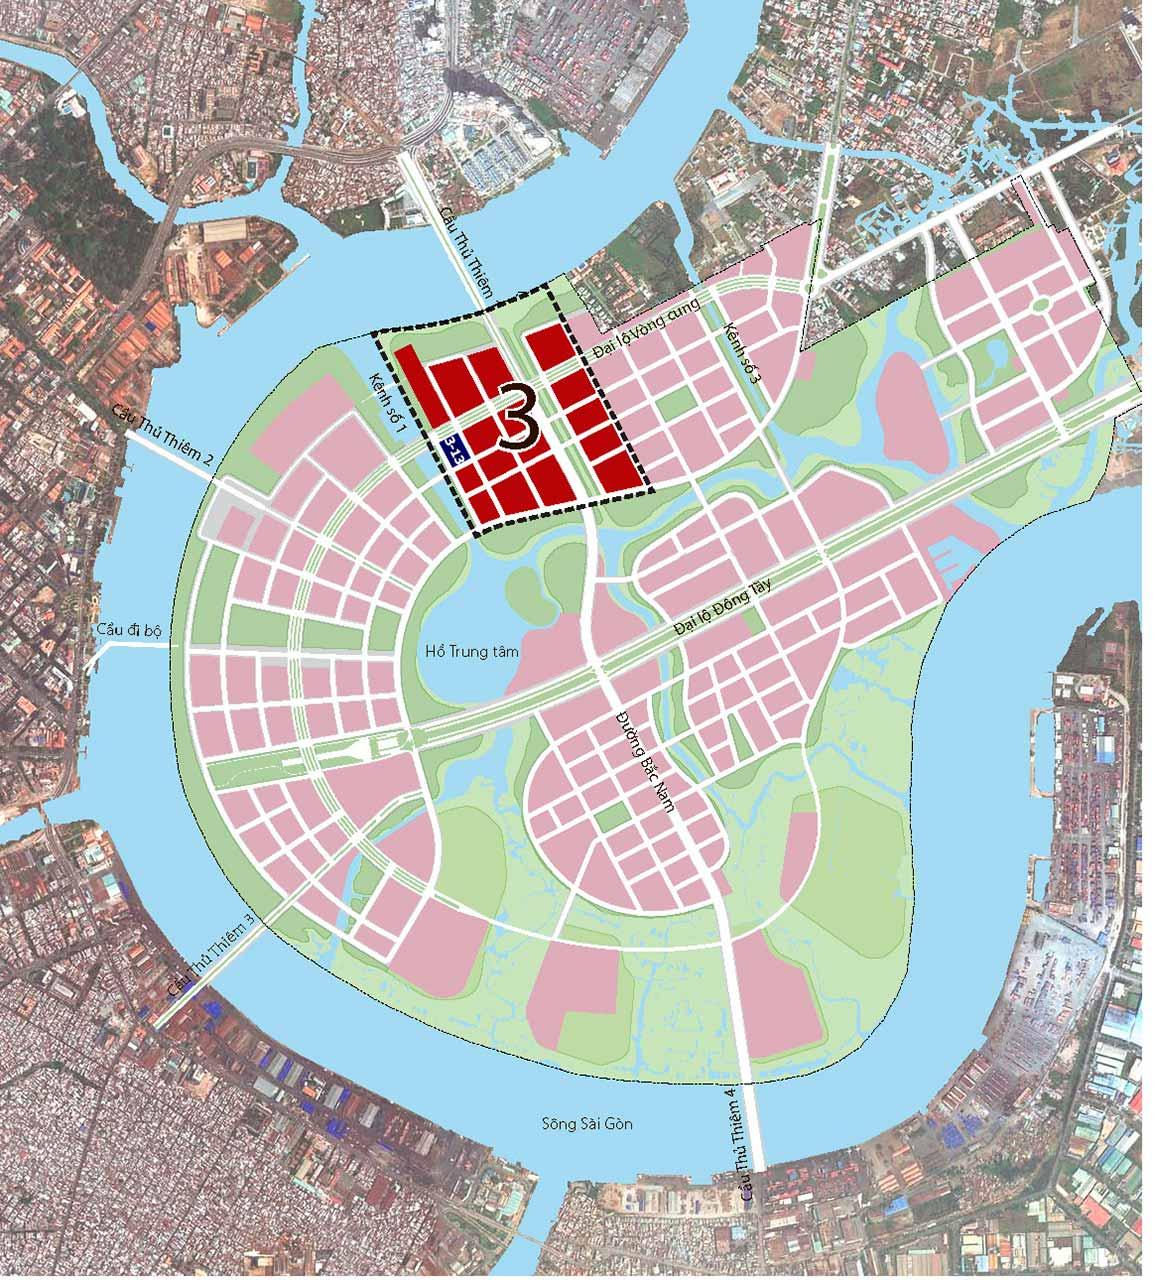 Vị trí dự án Riverfront Residences tại Thủ Thiêm